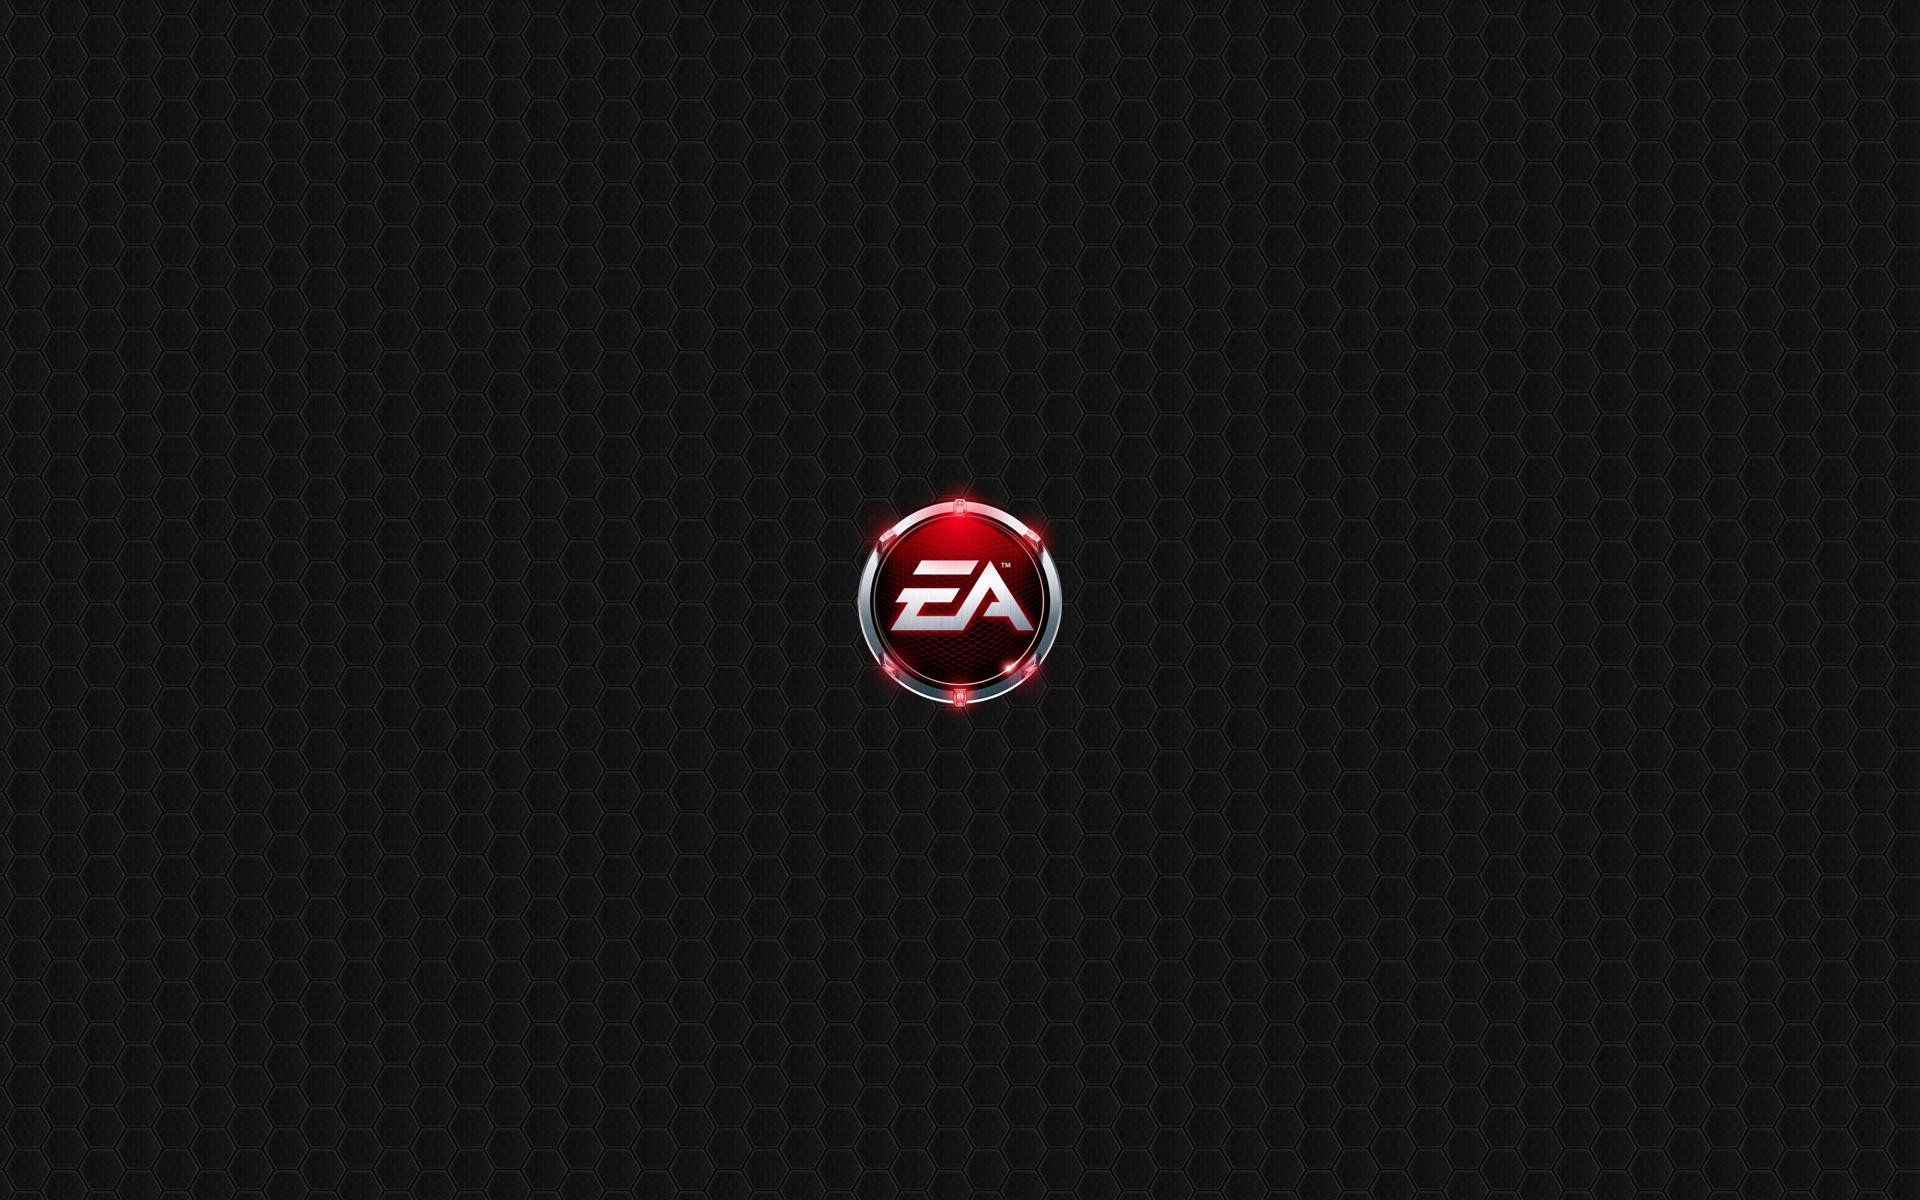 Fantastic EA Logo Wallpaper 40957 1920x1200 px